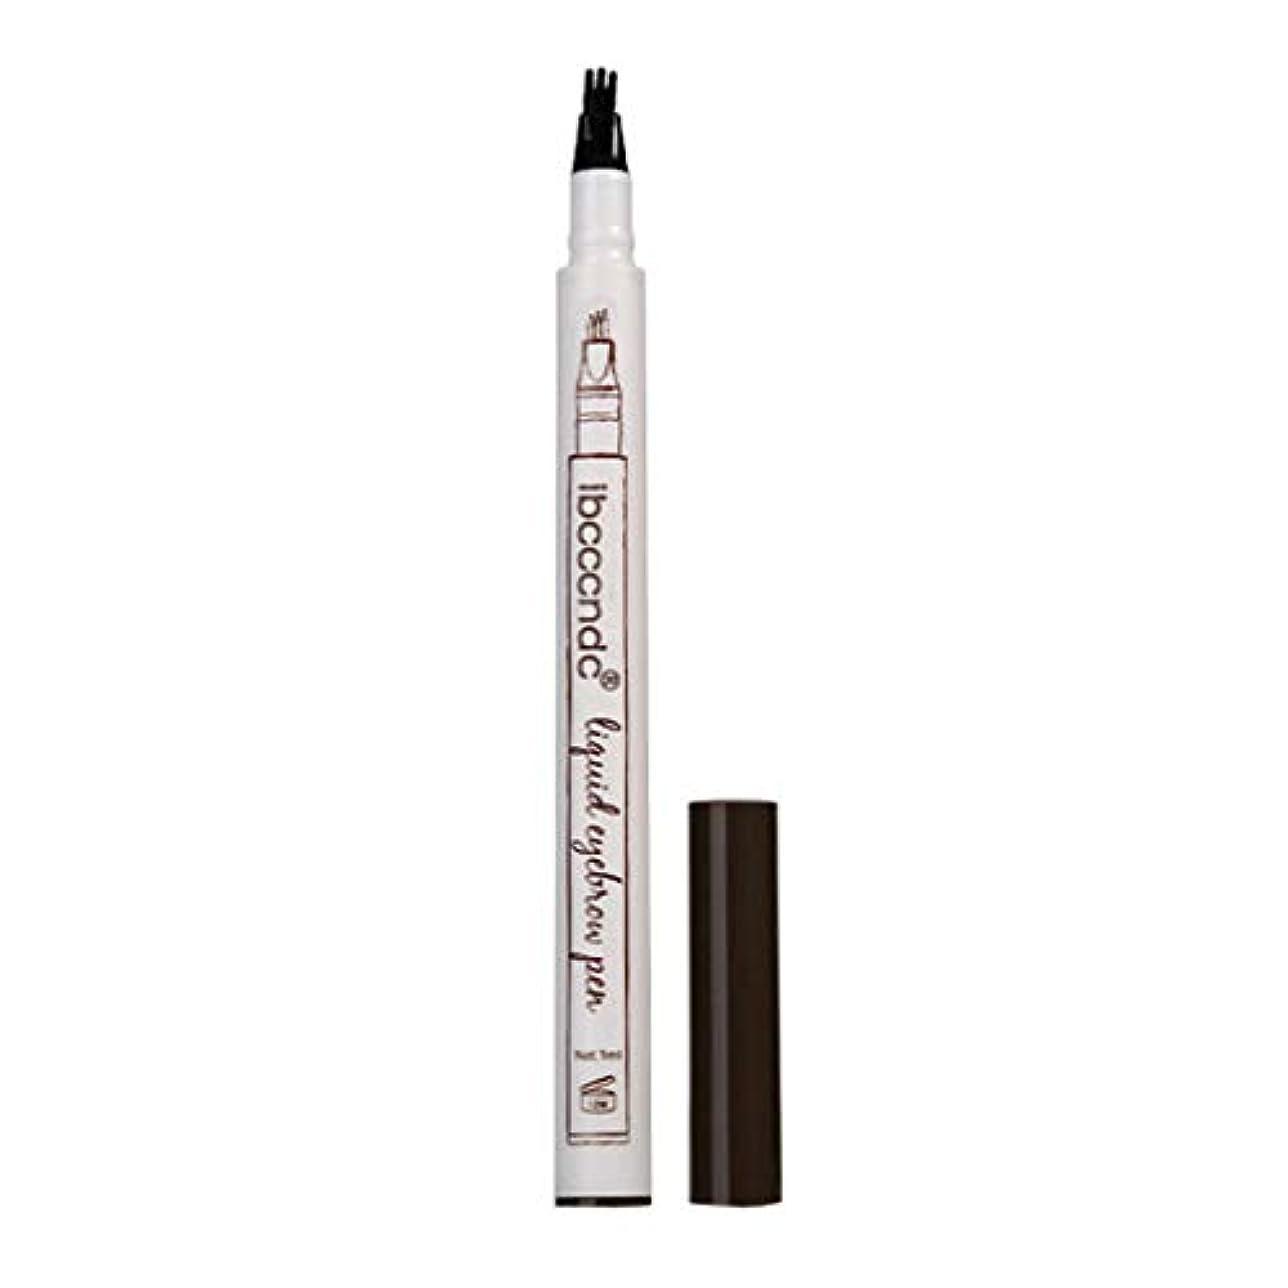 すすり泣き後パフ3本眉タトゥーペン防水フォークチップスケッチ化粧ペンマイクロブレードインク